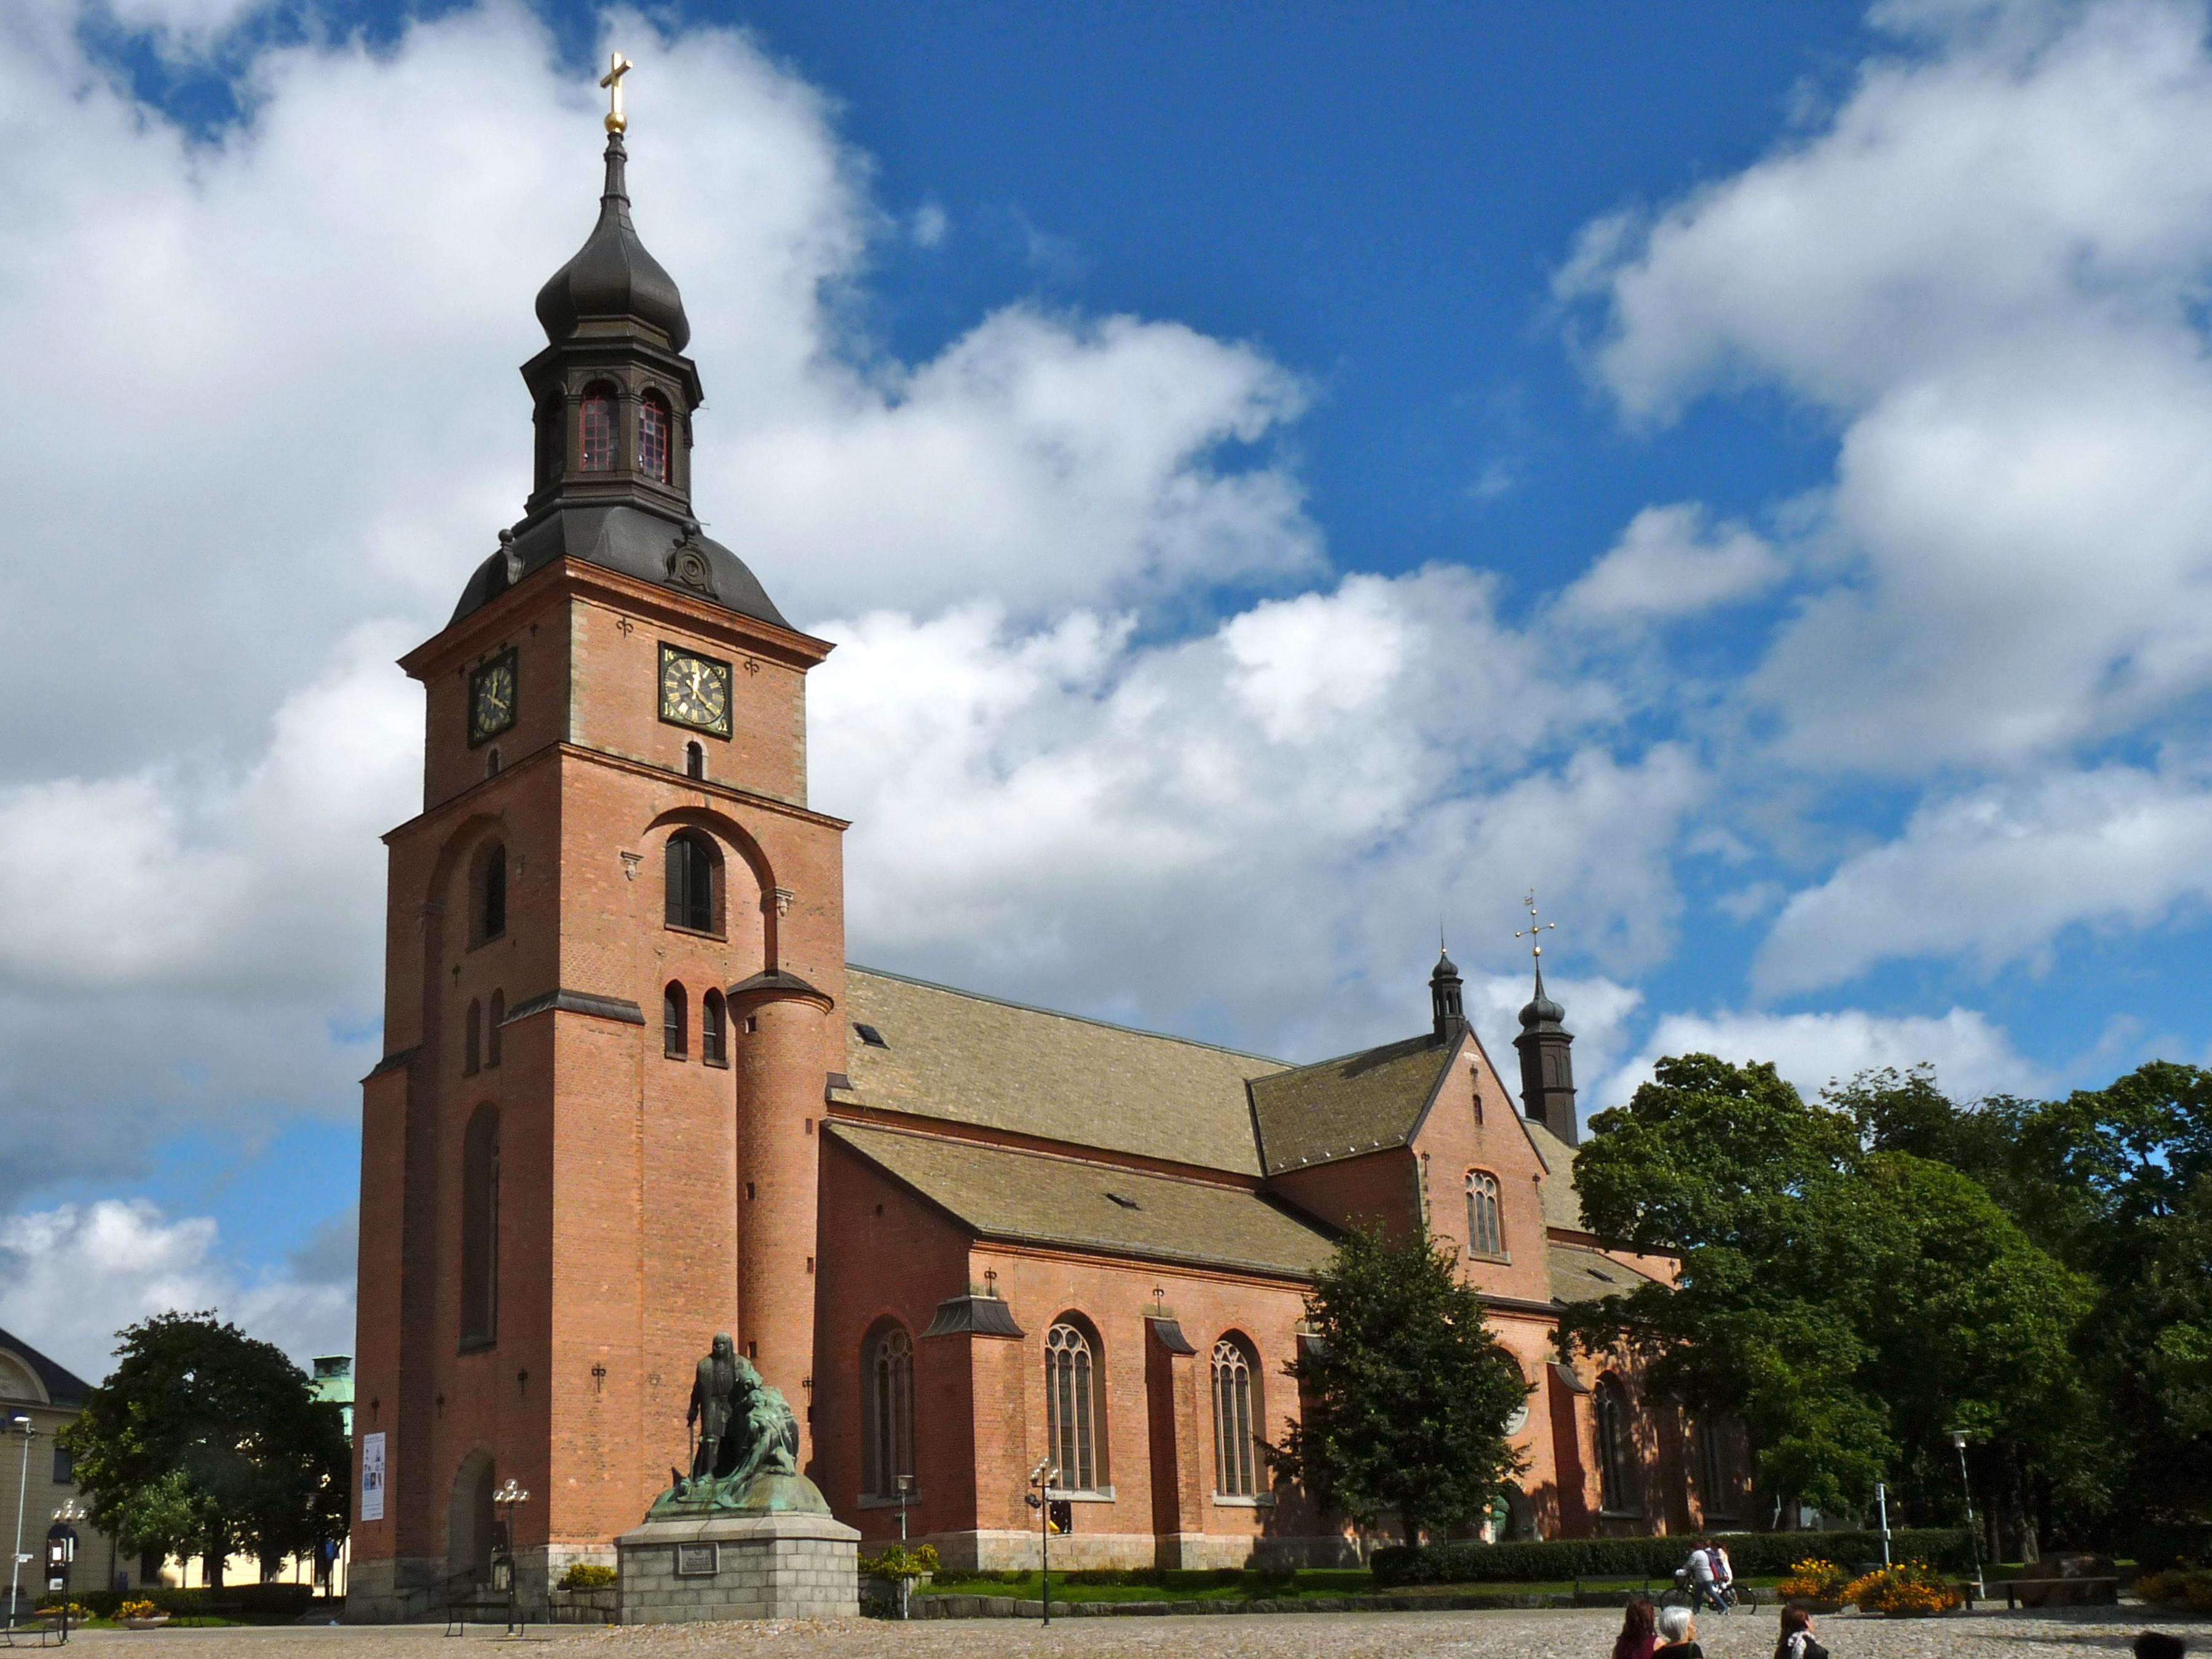 Bildresultat för kristine kyrka